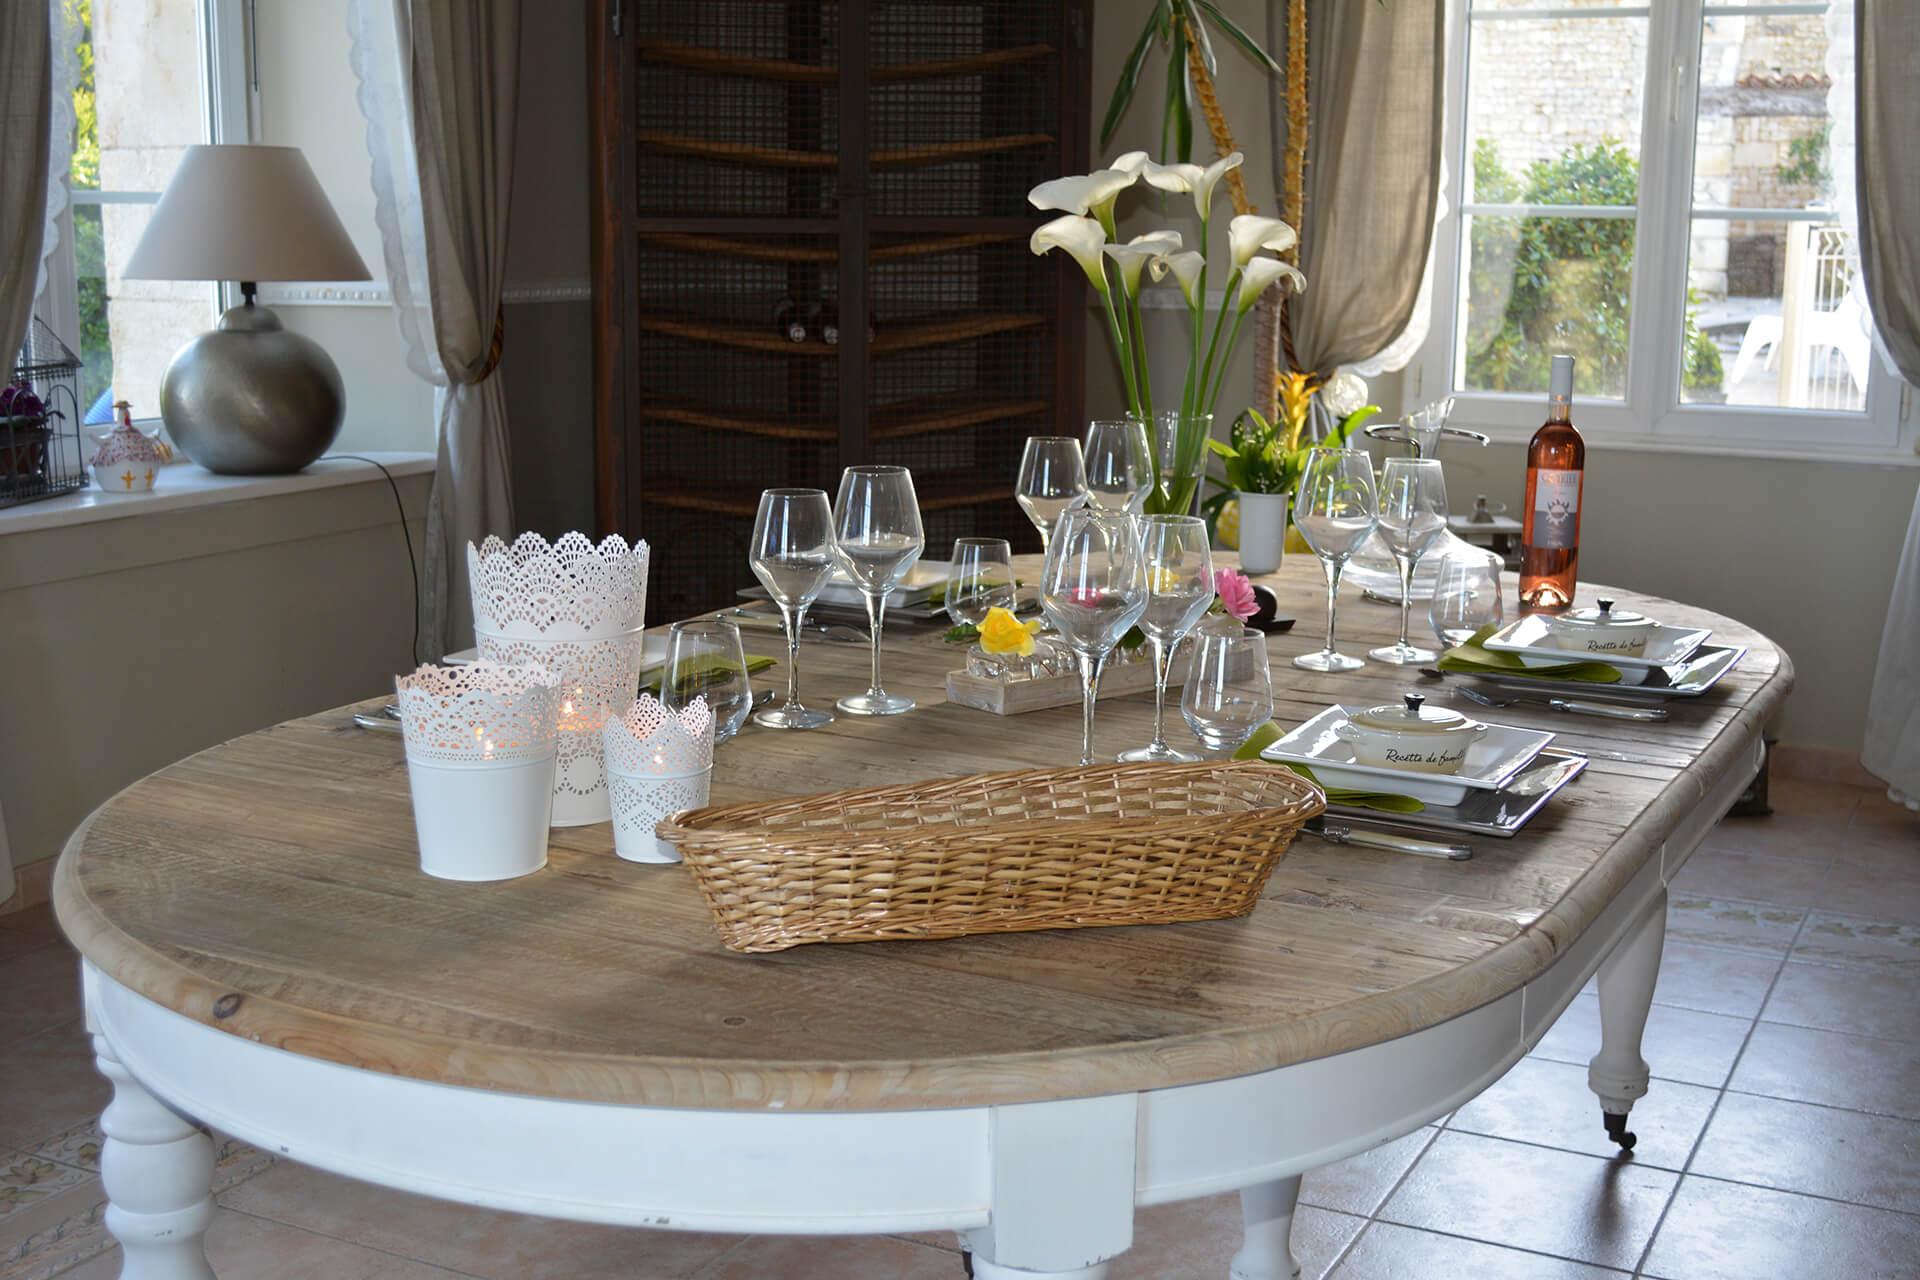 Table d'hôtes à la maison d'hôtes Aux 4 Cornes en Vendée